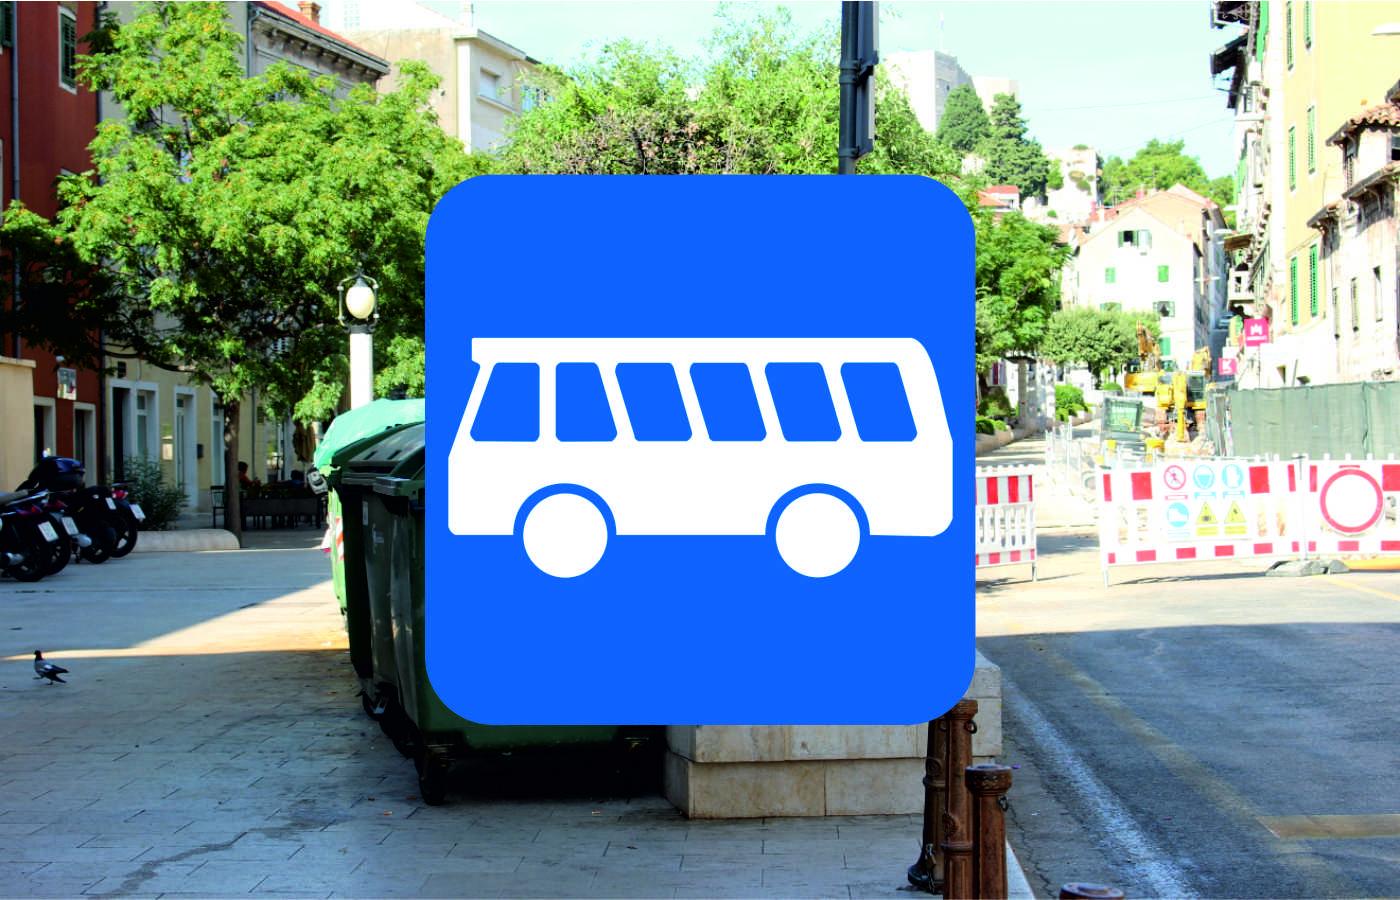 Na Starom pazaru kreću radovi na uređenju autobusnog stajališta. Pješački promet teče neometano – molimo vlasnike skutera da uklone svoja vozila